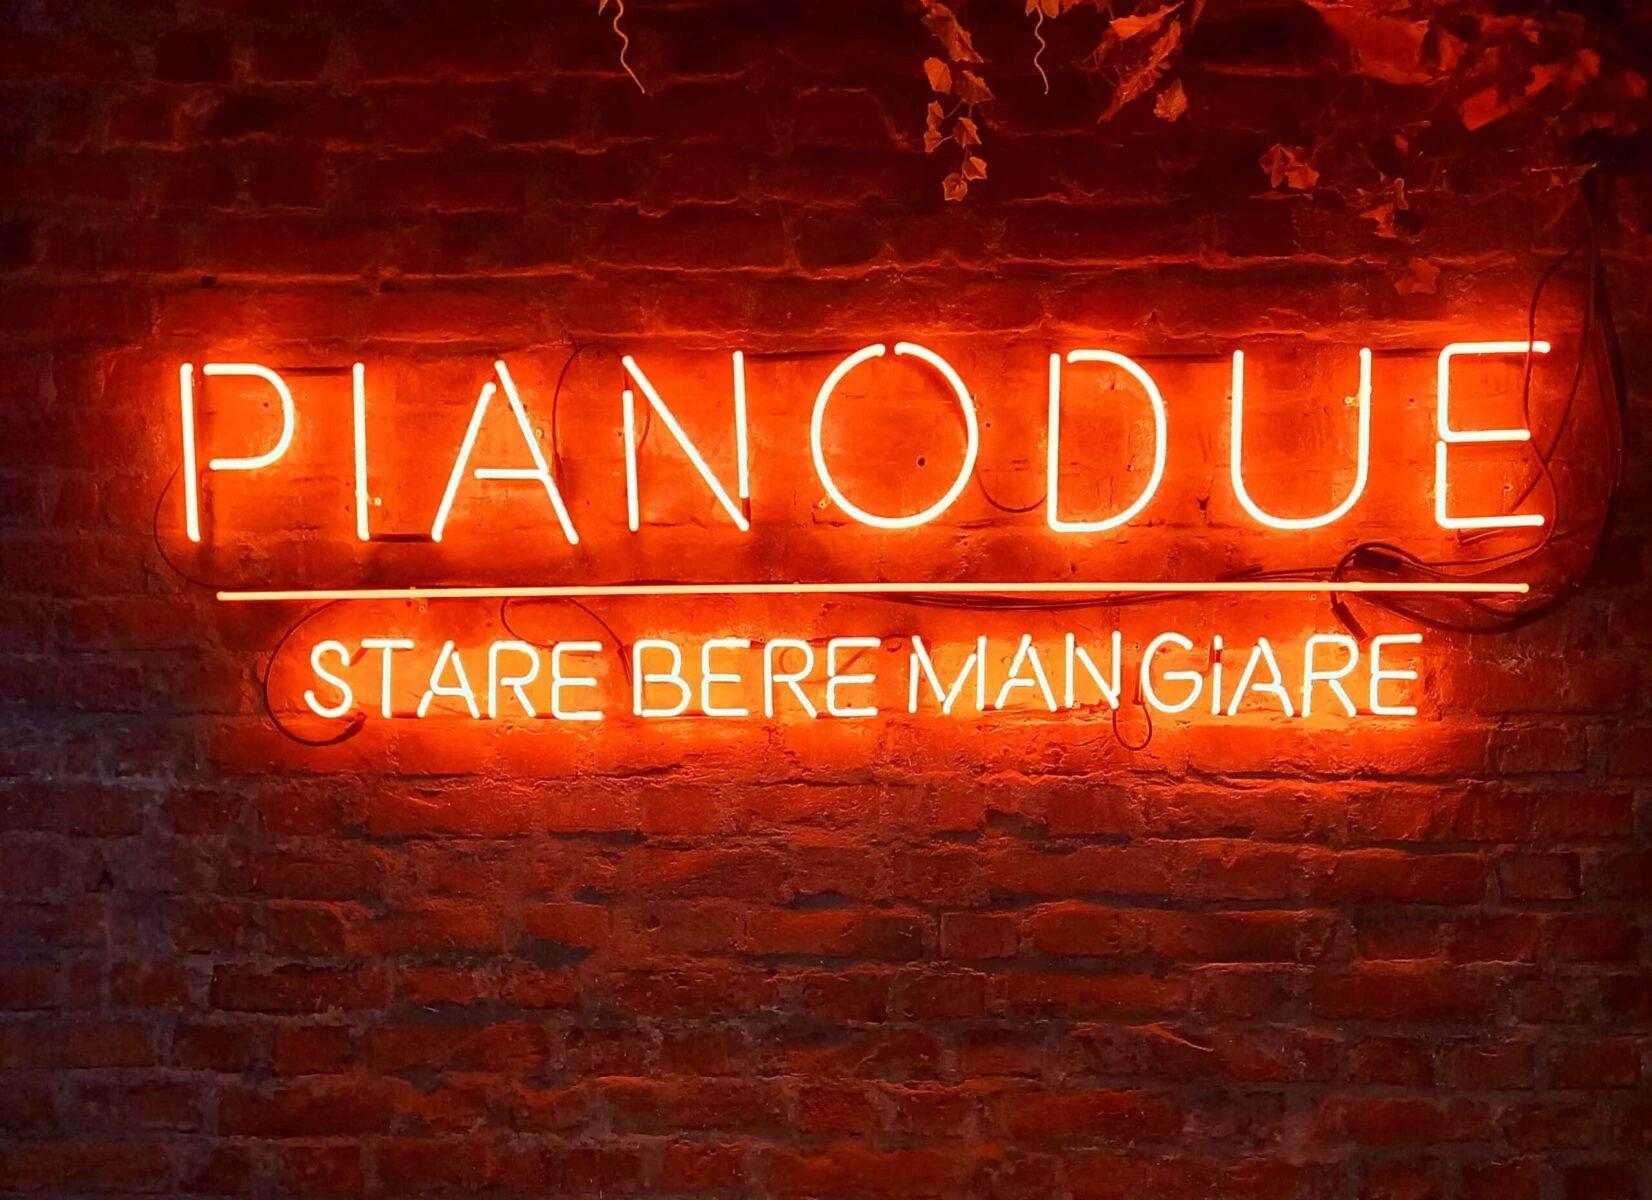 Pianodue, ristorante Eataly Milano Smeraldo